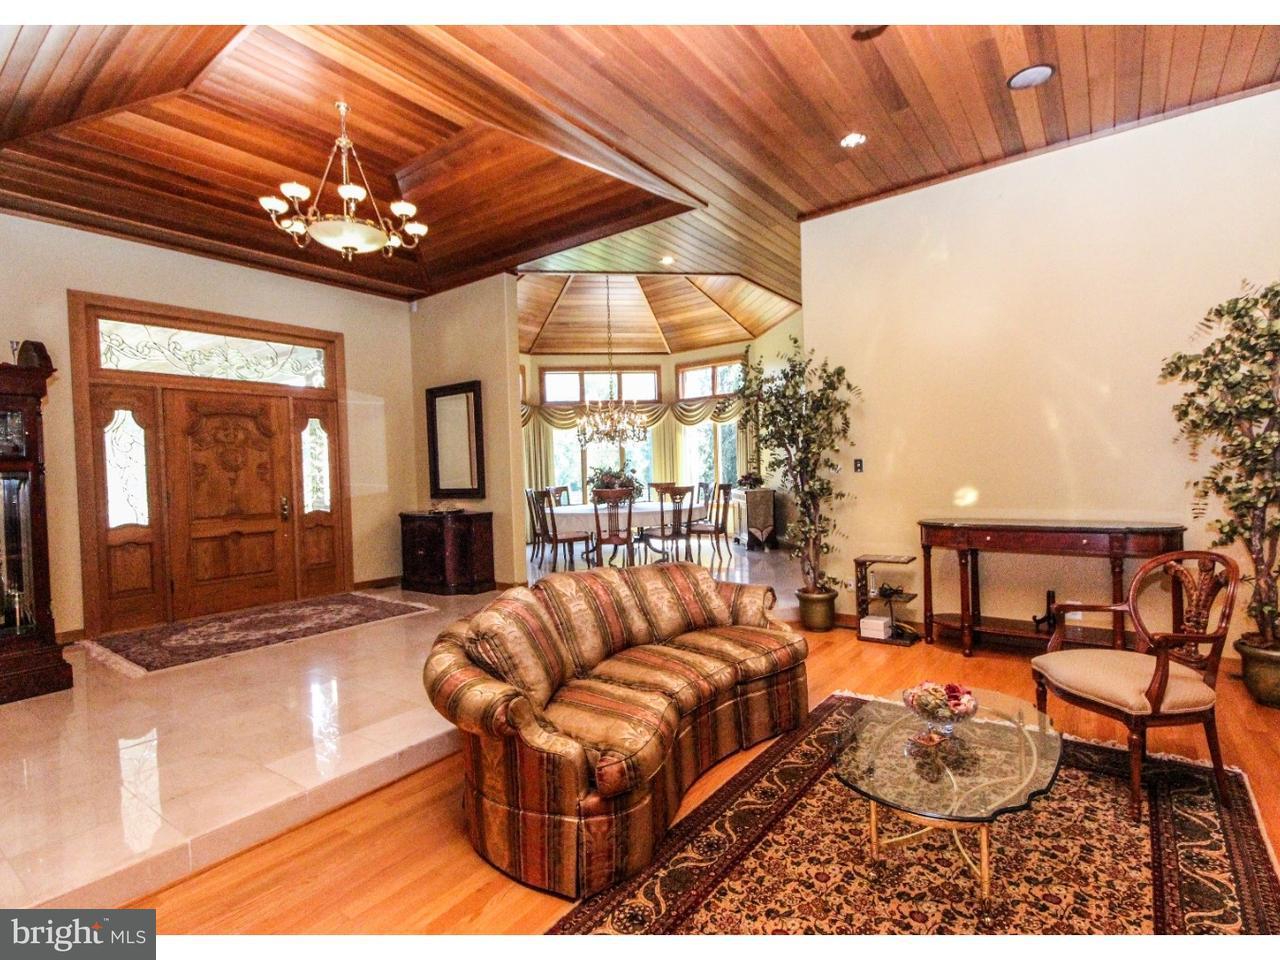 Частный односемейный дом для того Продажа на 100 LANTERN WAY Sewell, Нью-Джерси 08080 Соединенные Штаты